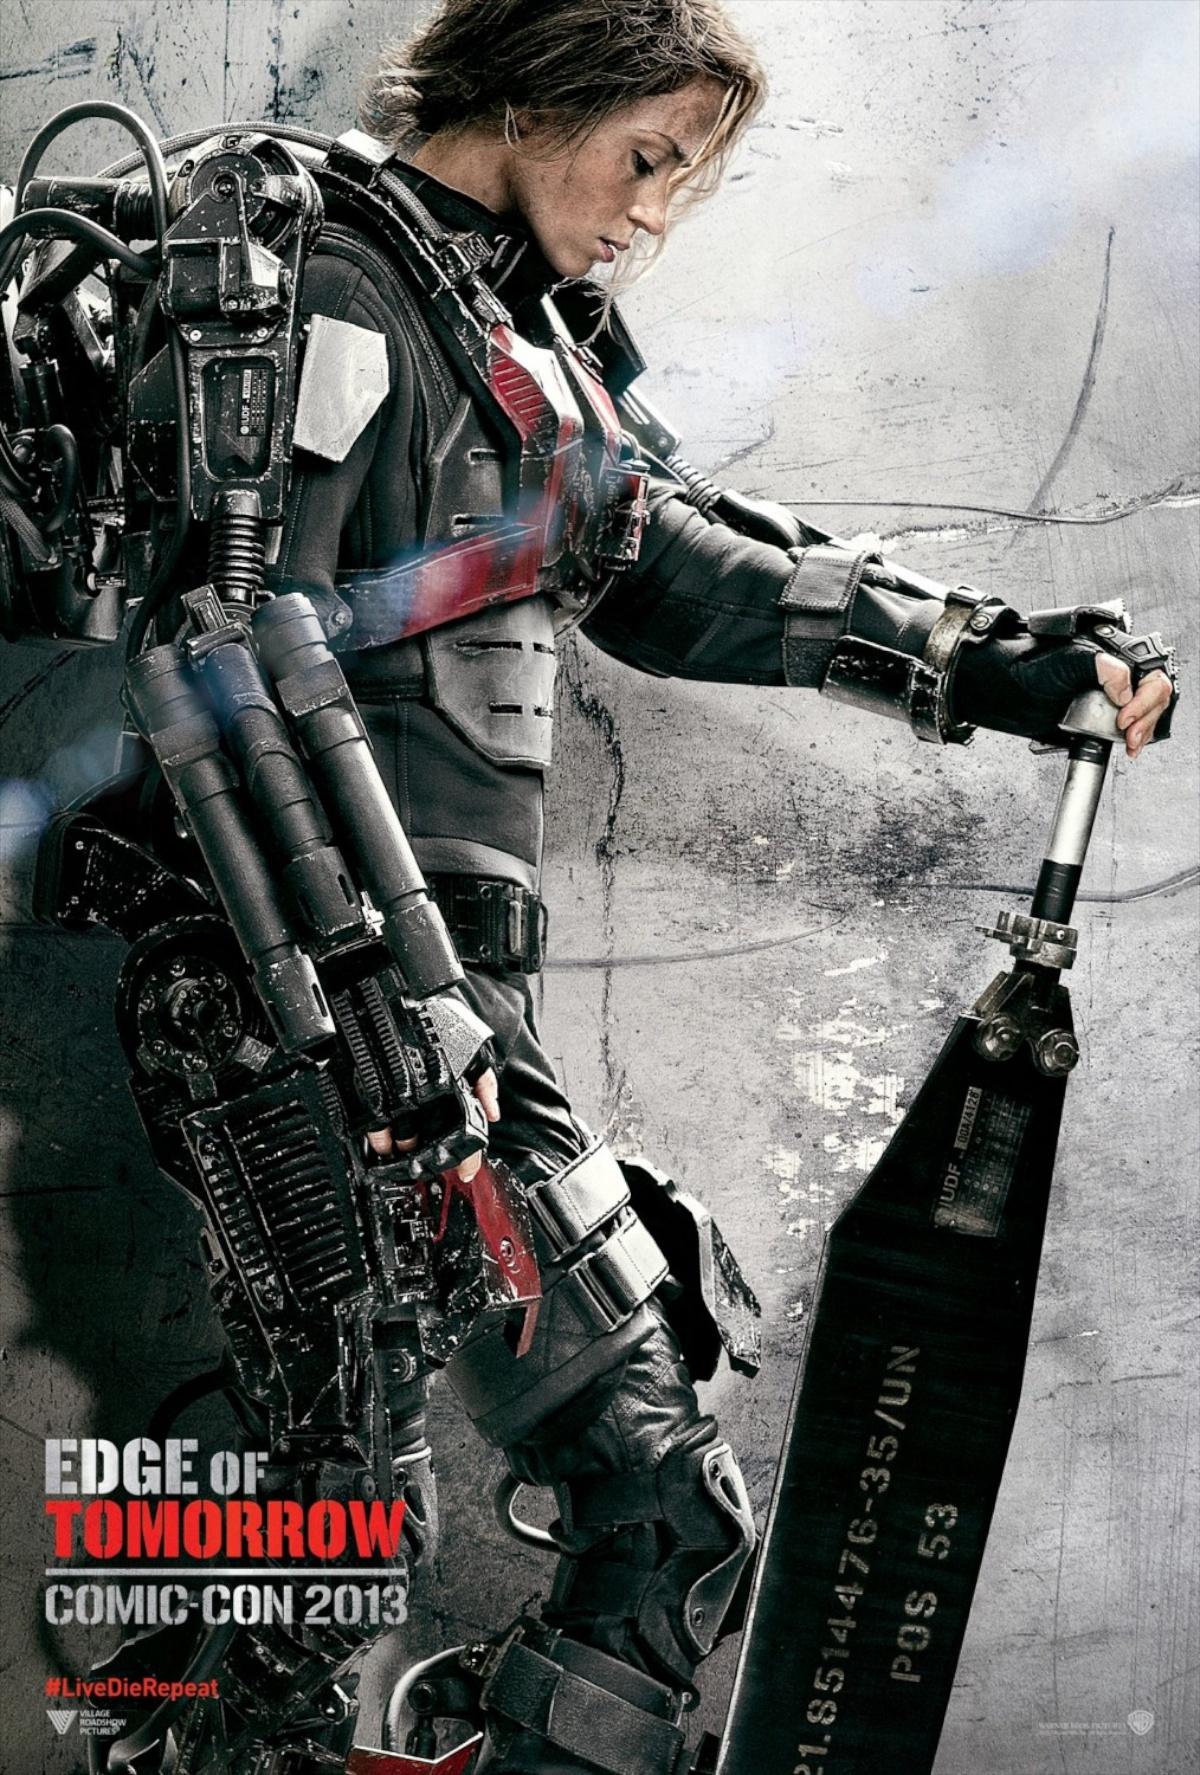 Edge of Tomorrow poster - Emily Blunt as Rita Vrataski